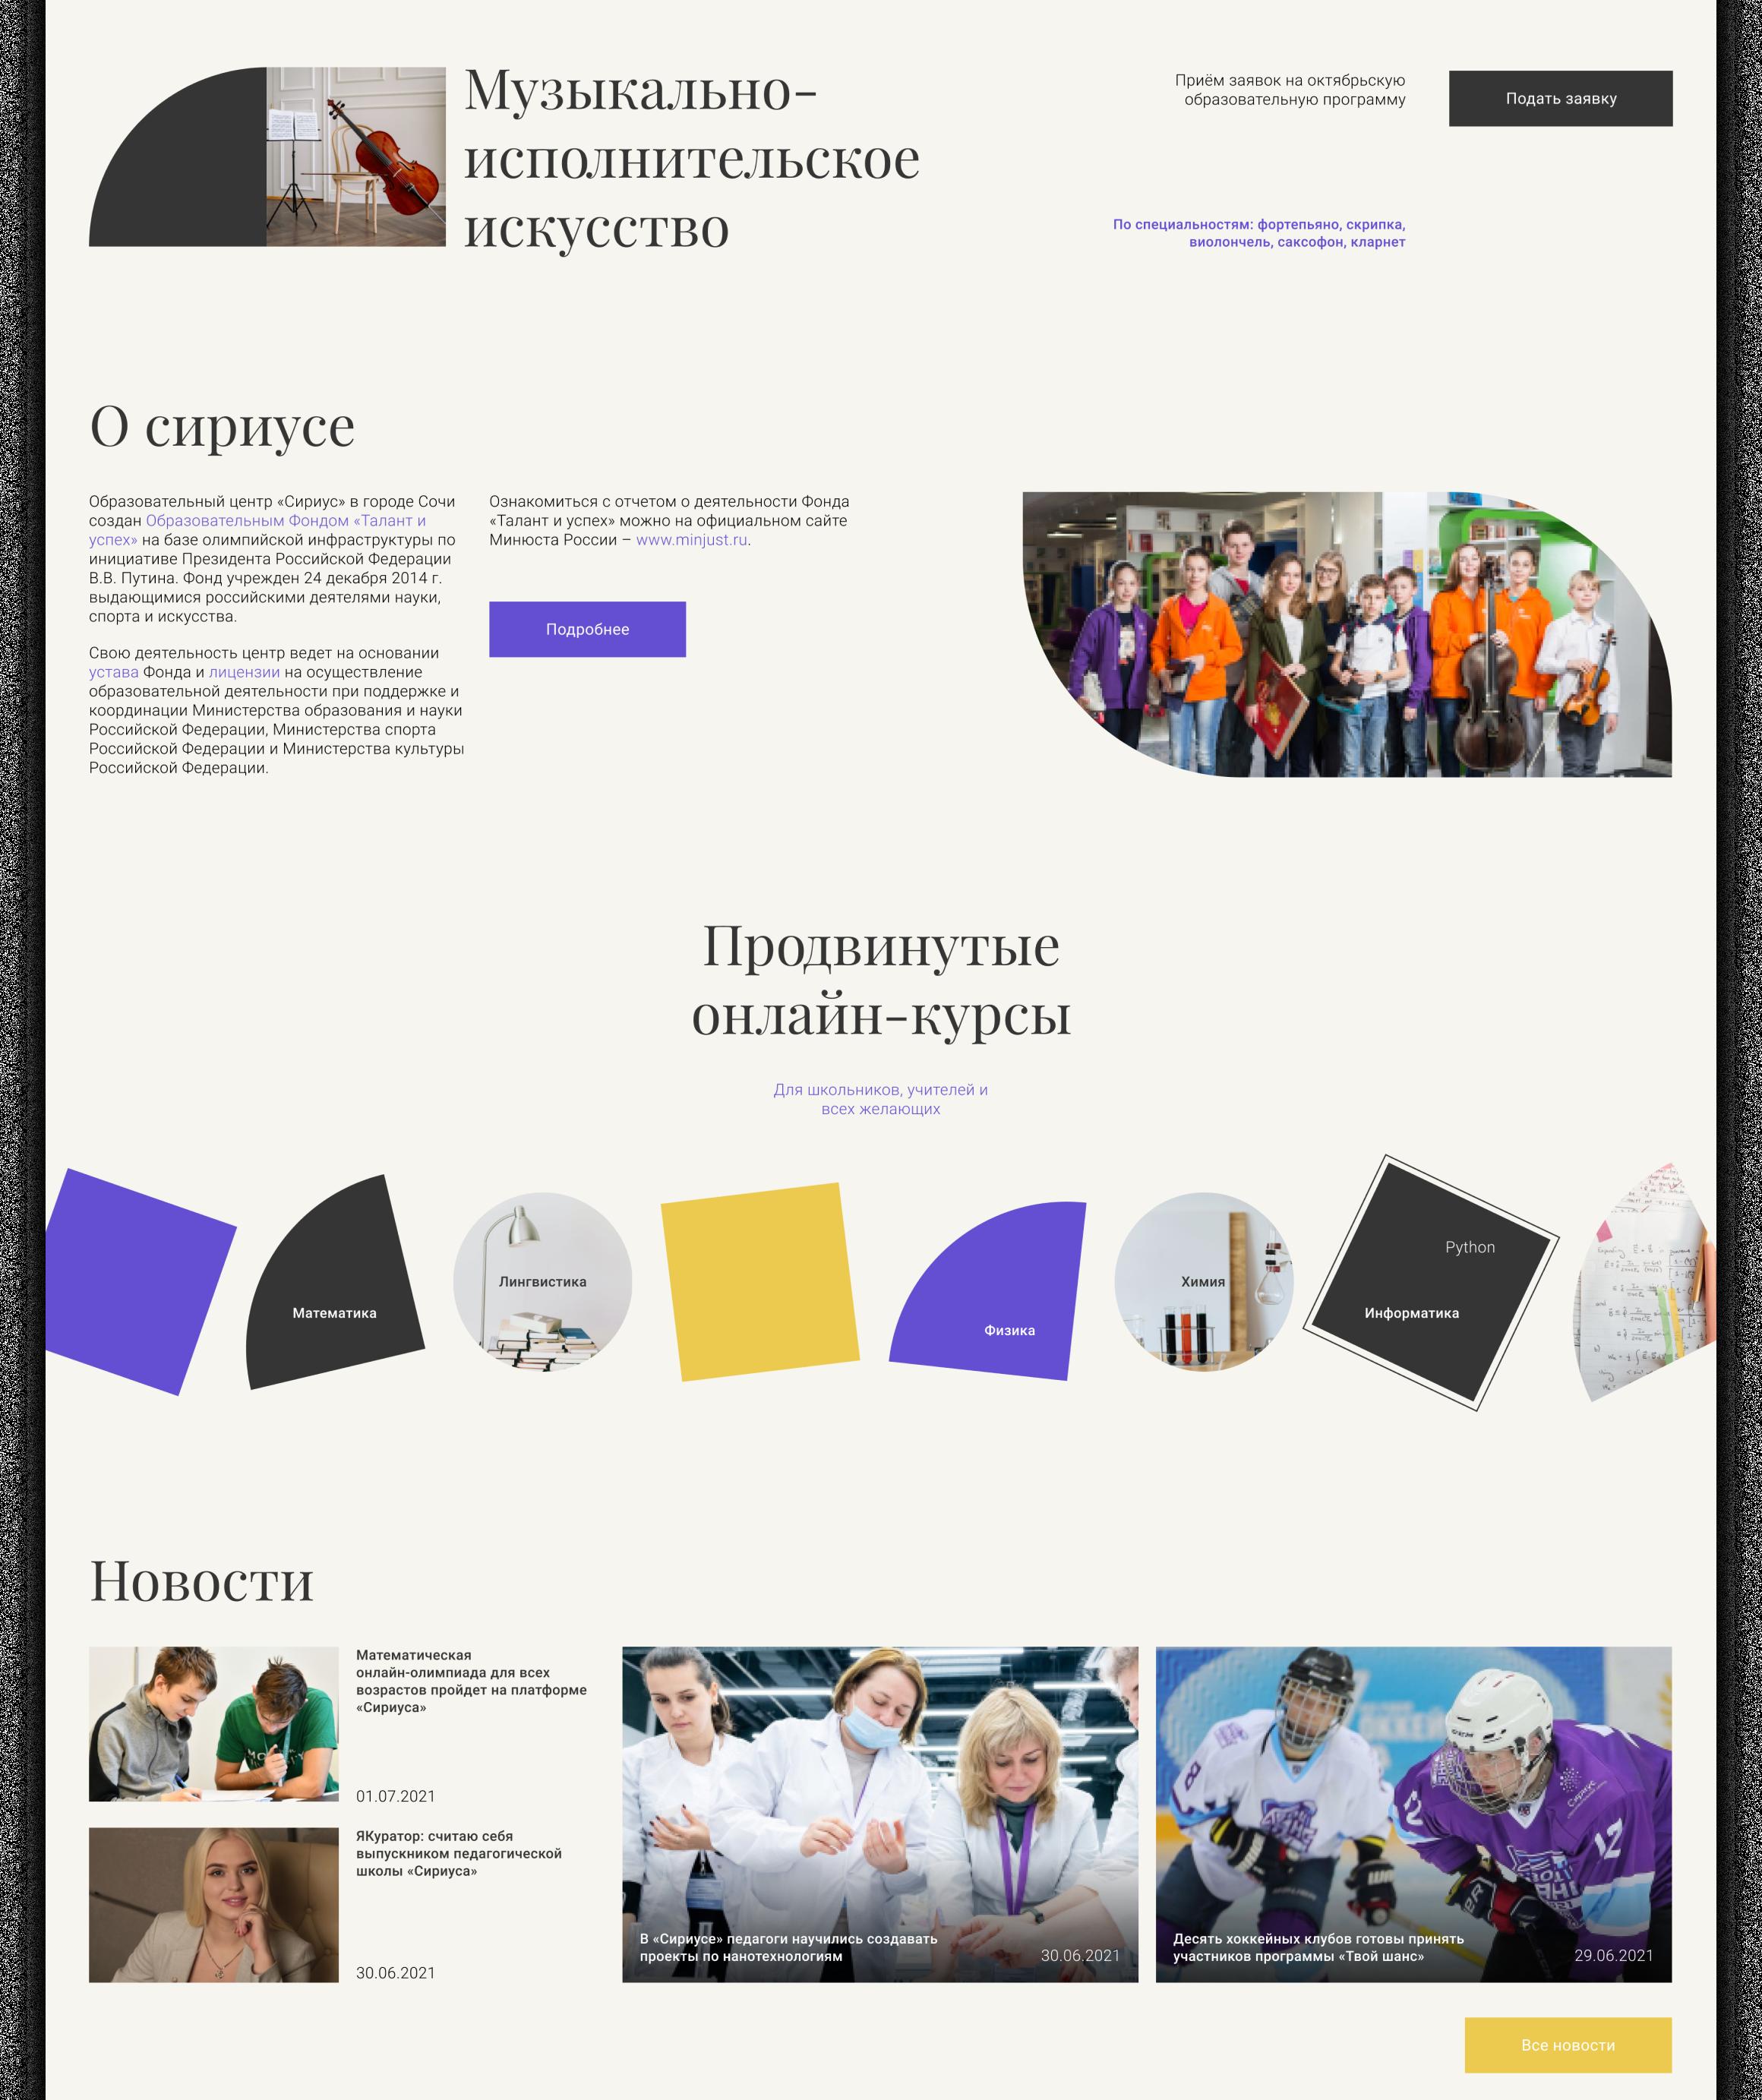 Редизайн главной страницы сайта образовательного центра «Сириус» 11